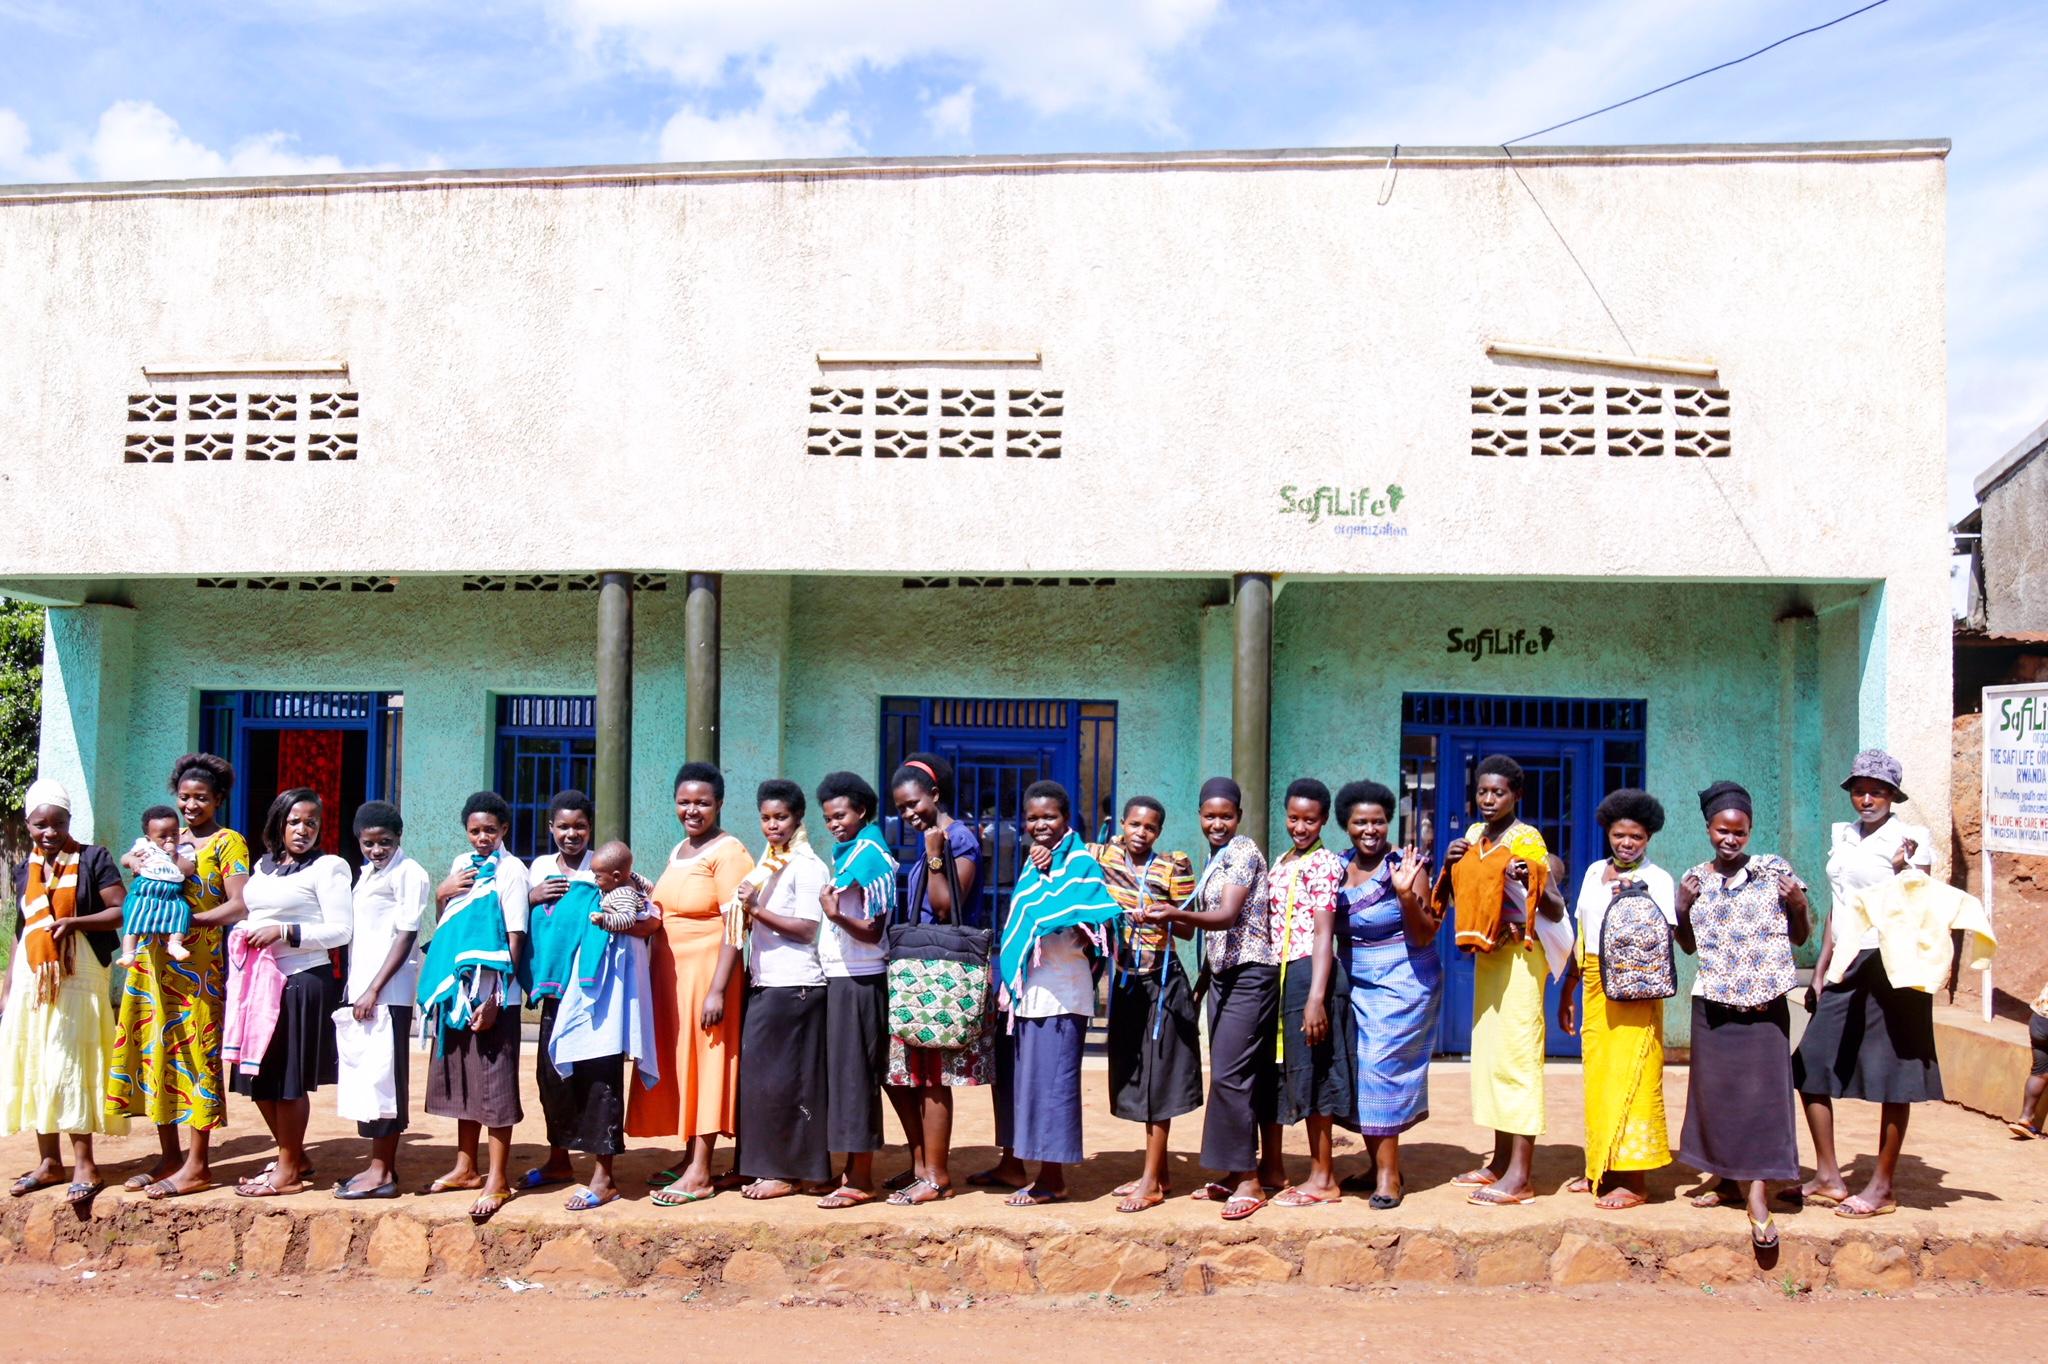 """Our NDASHOBOYE """"Safi Life"""" building near Kigali, Rwanda."""